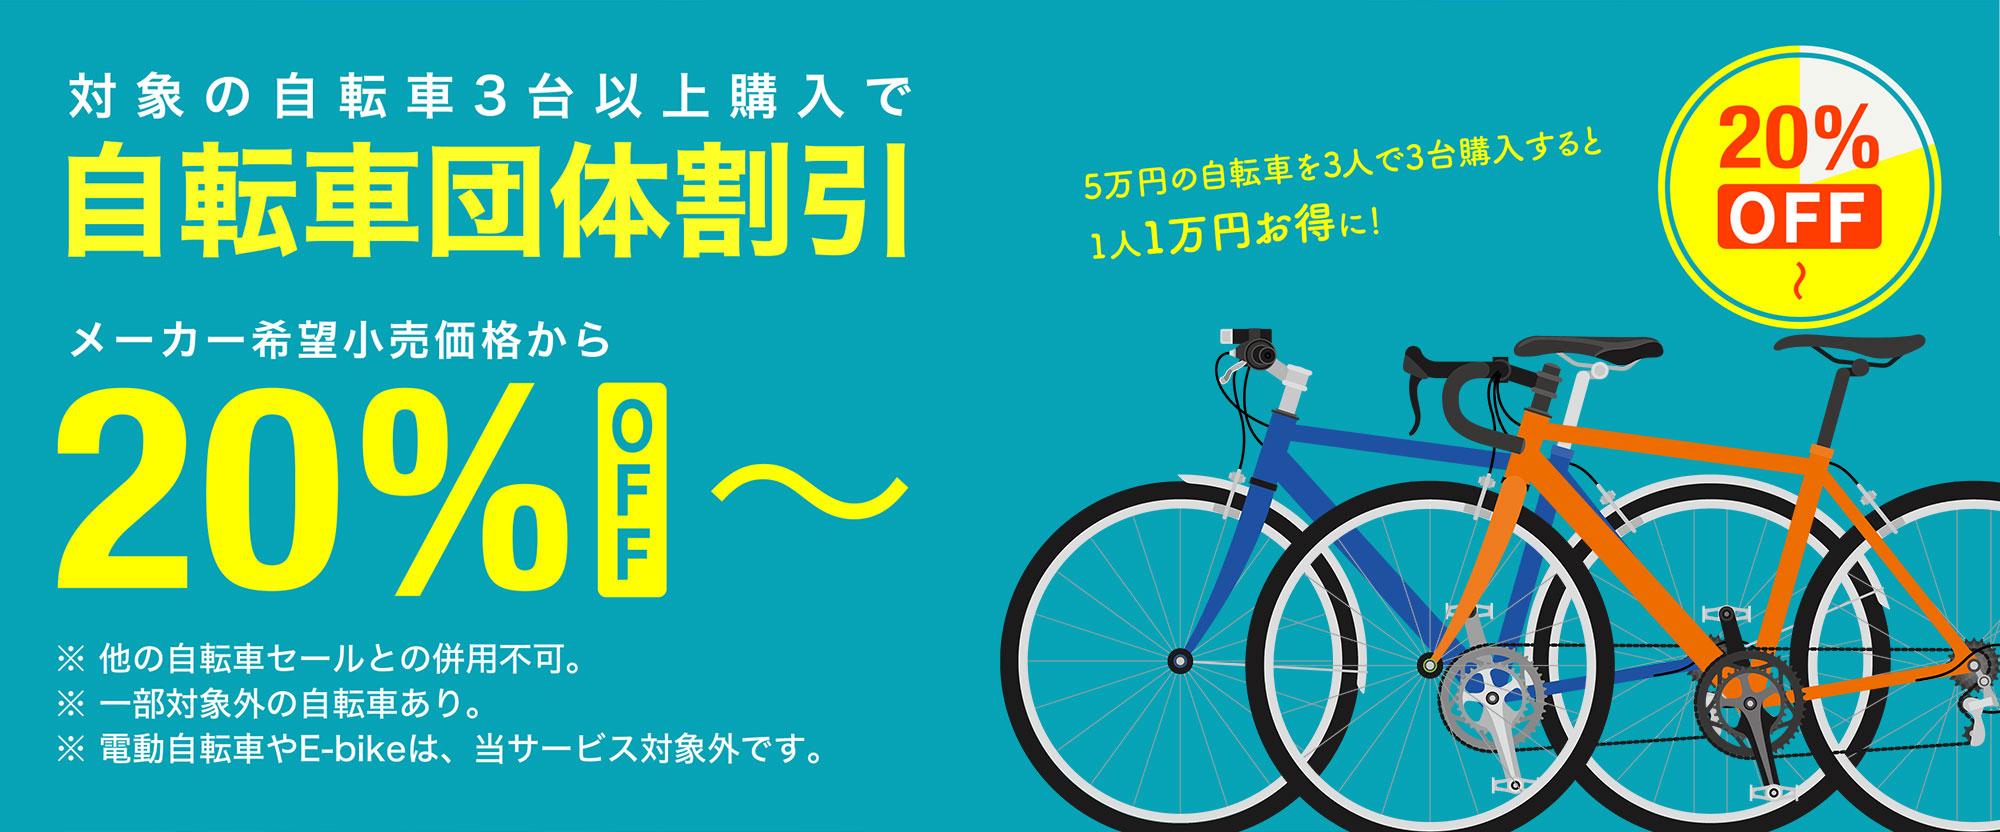 自転車団体割引